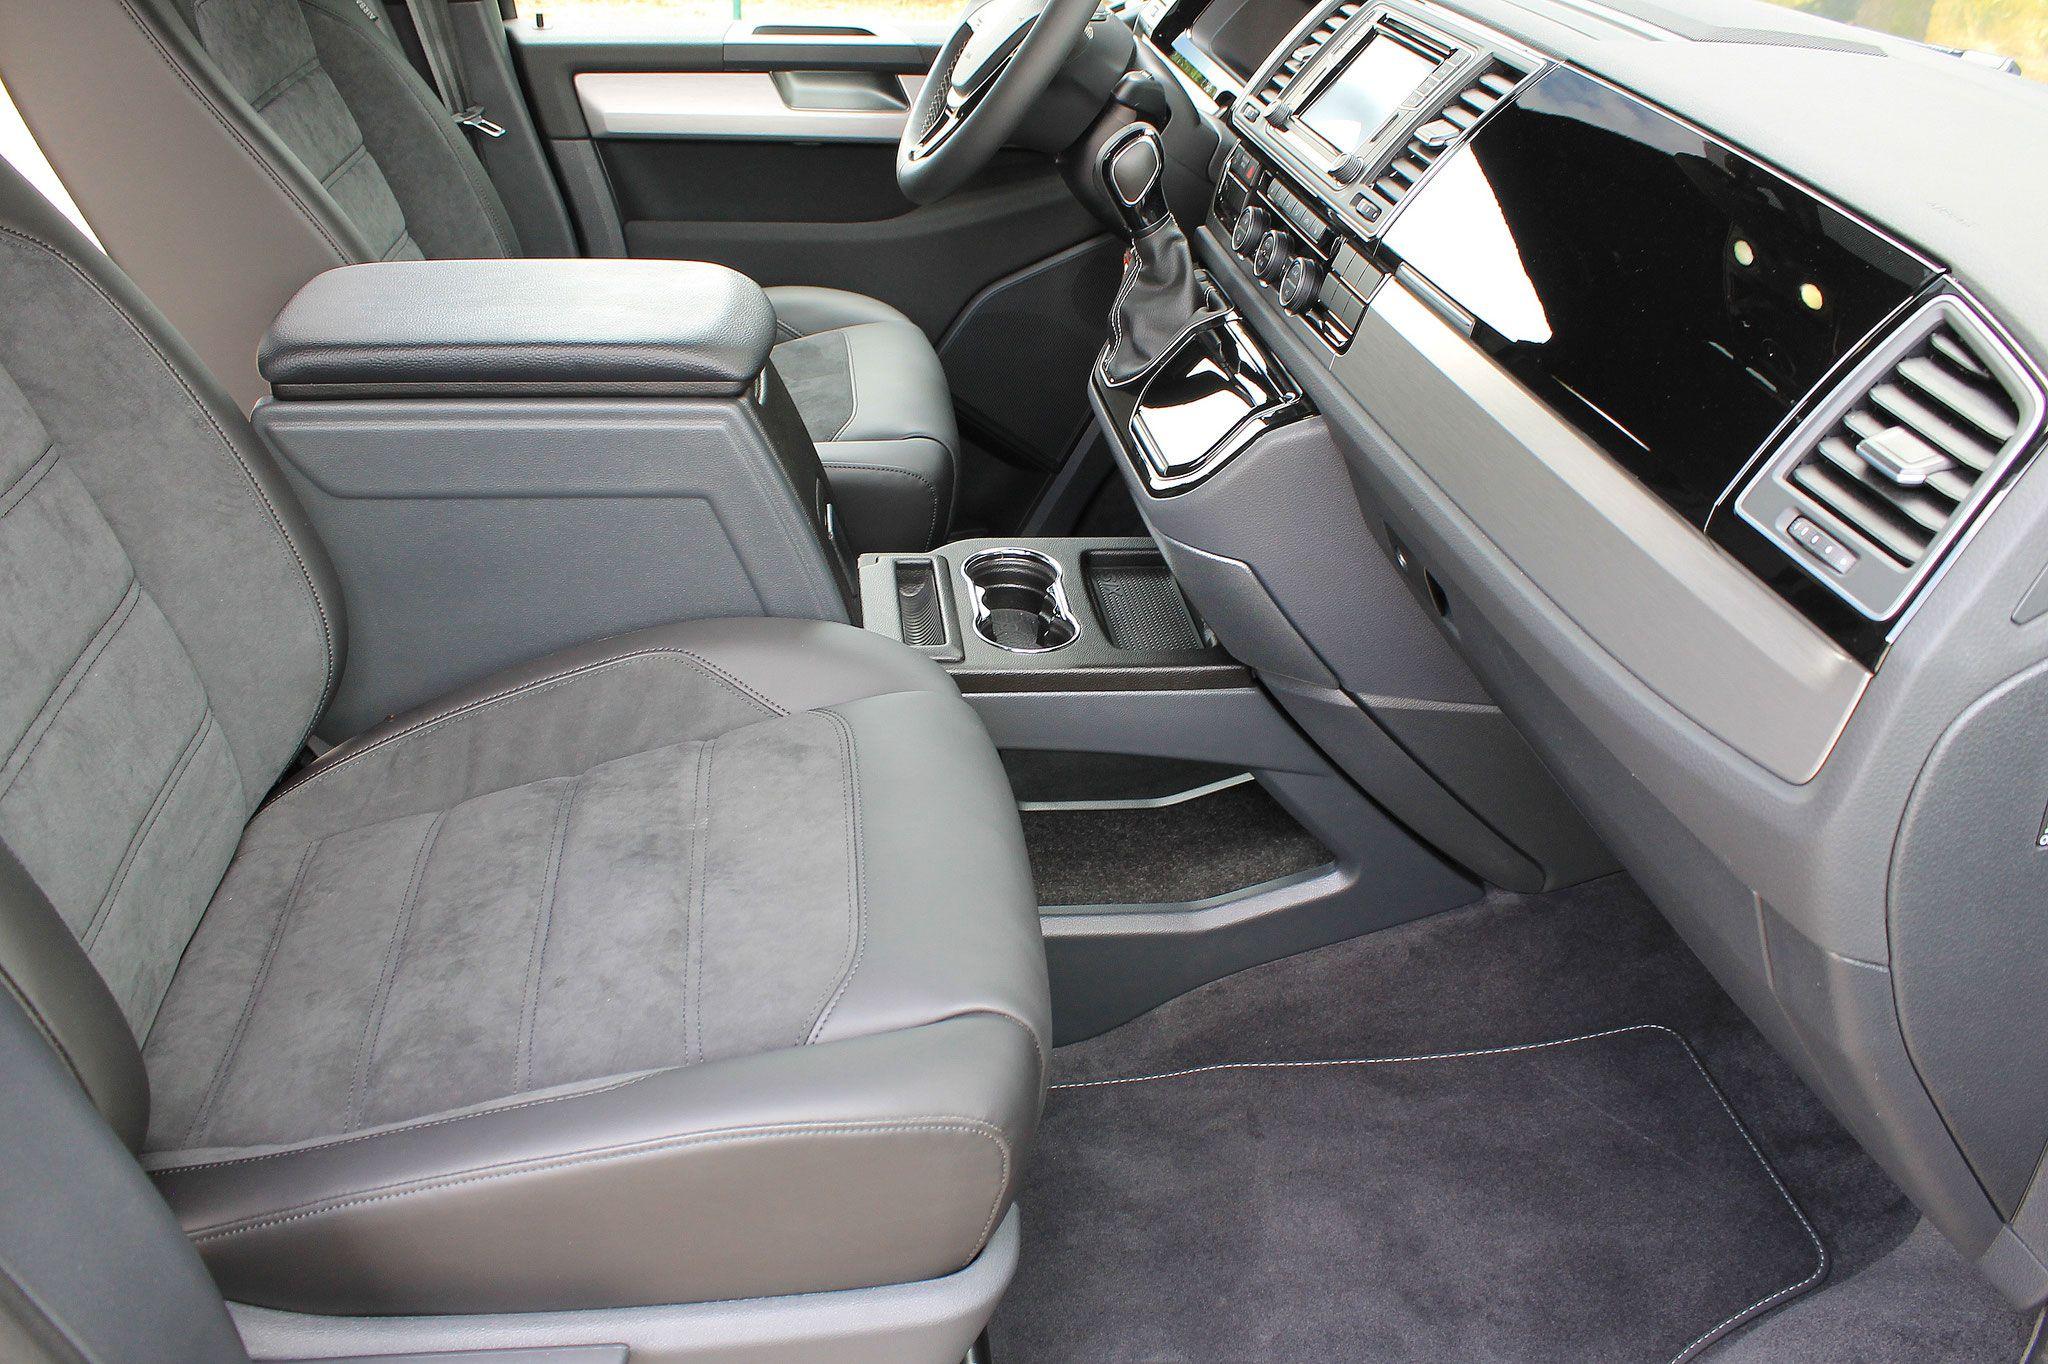 t6 mittelkonsole komfort vw t5 6 thefrok vw t6 vw. Black Bedroom Furniture Sets. Home Design Ideas